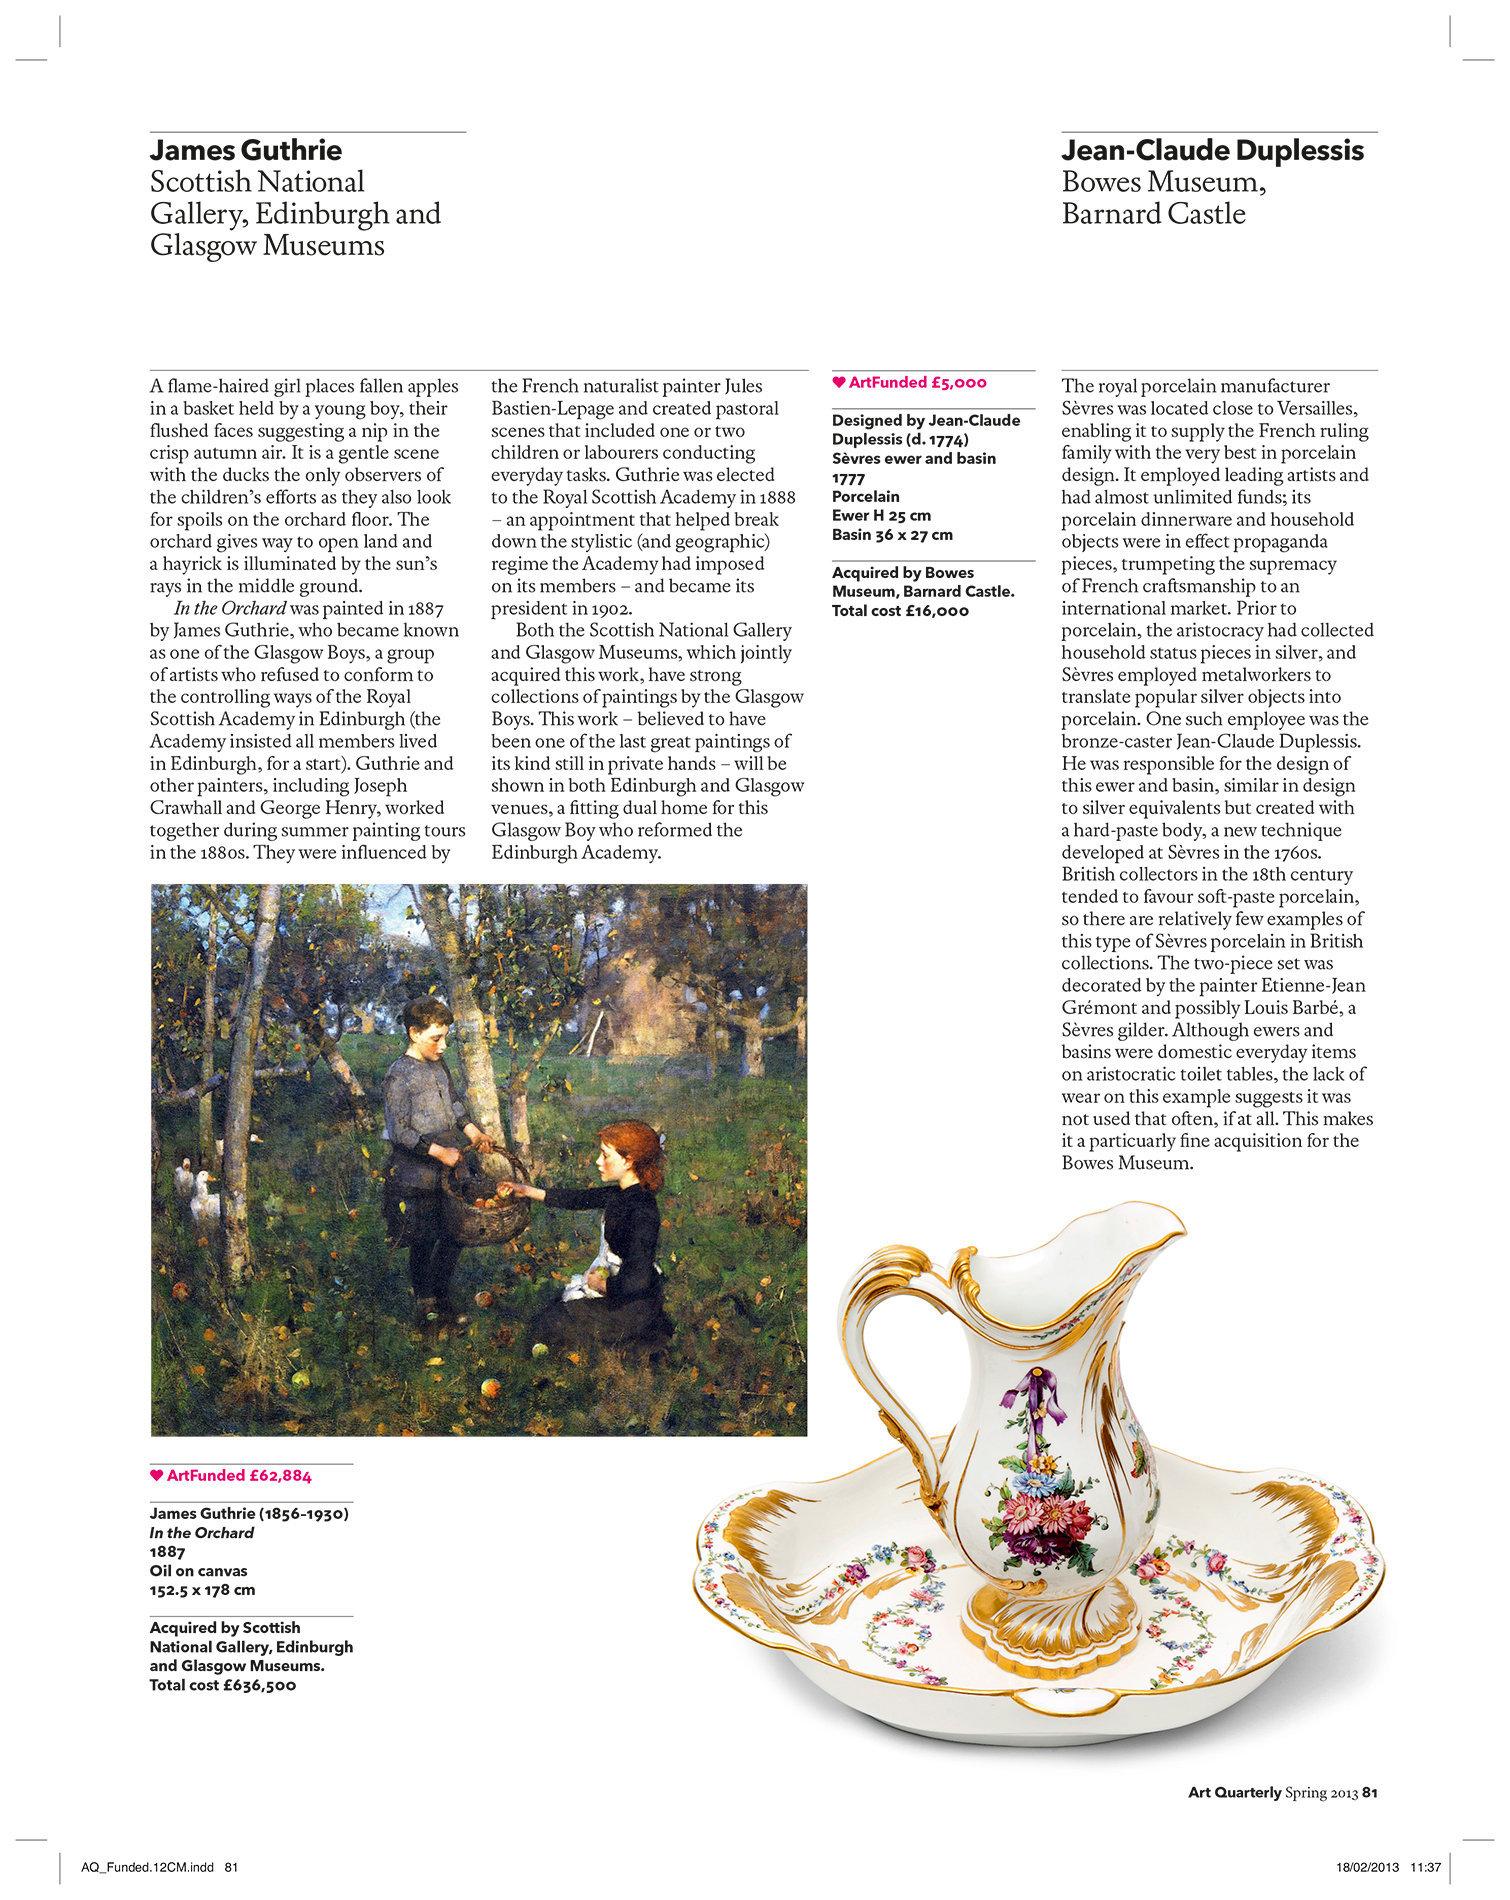 Art Quarterly Spring 2013